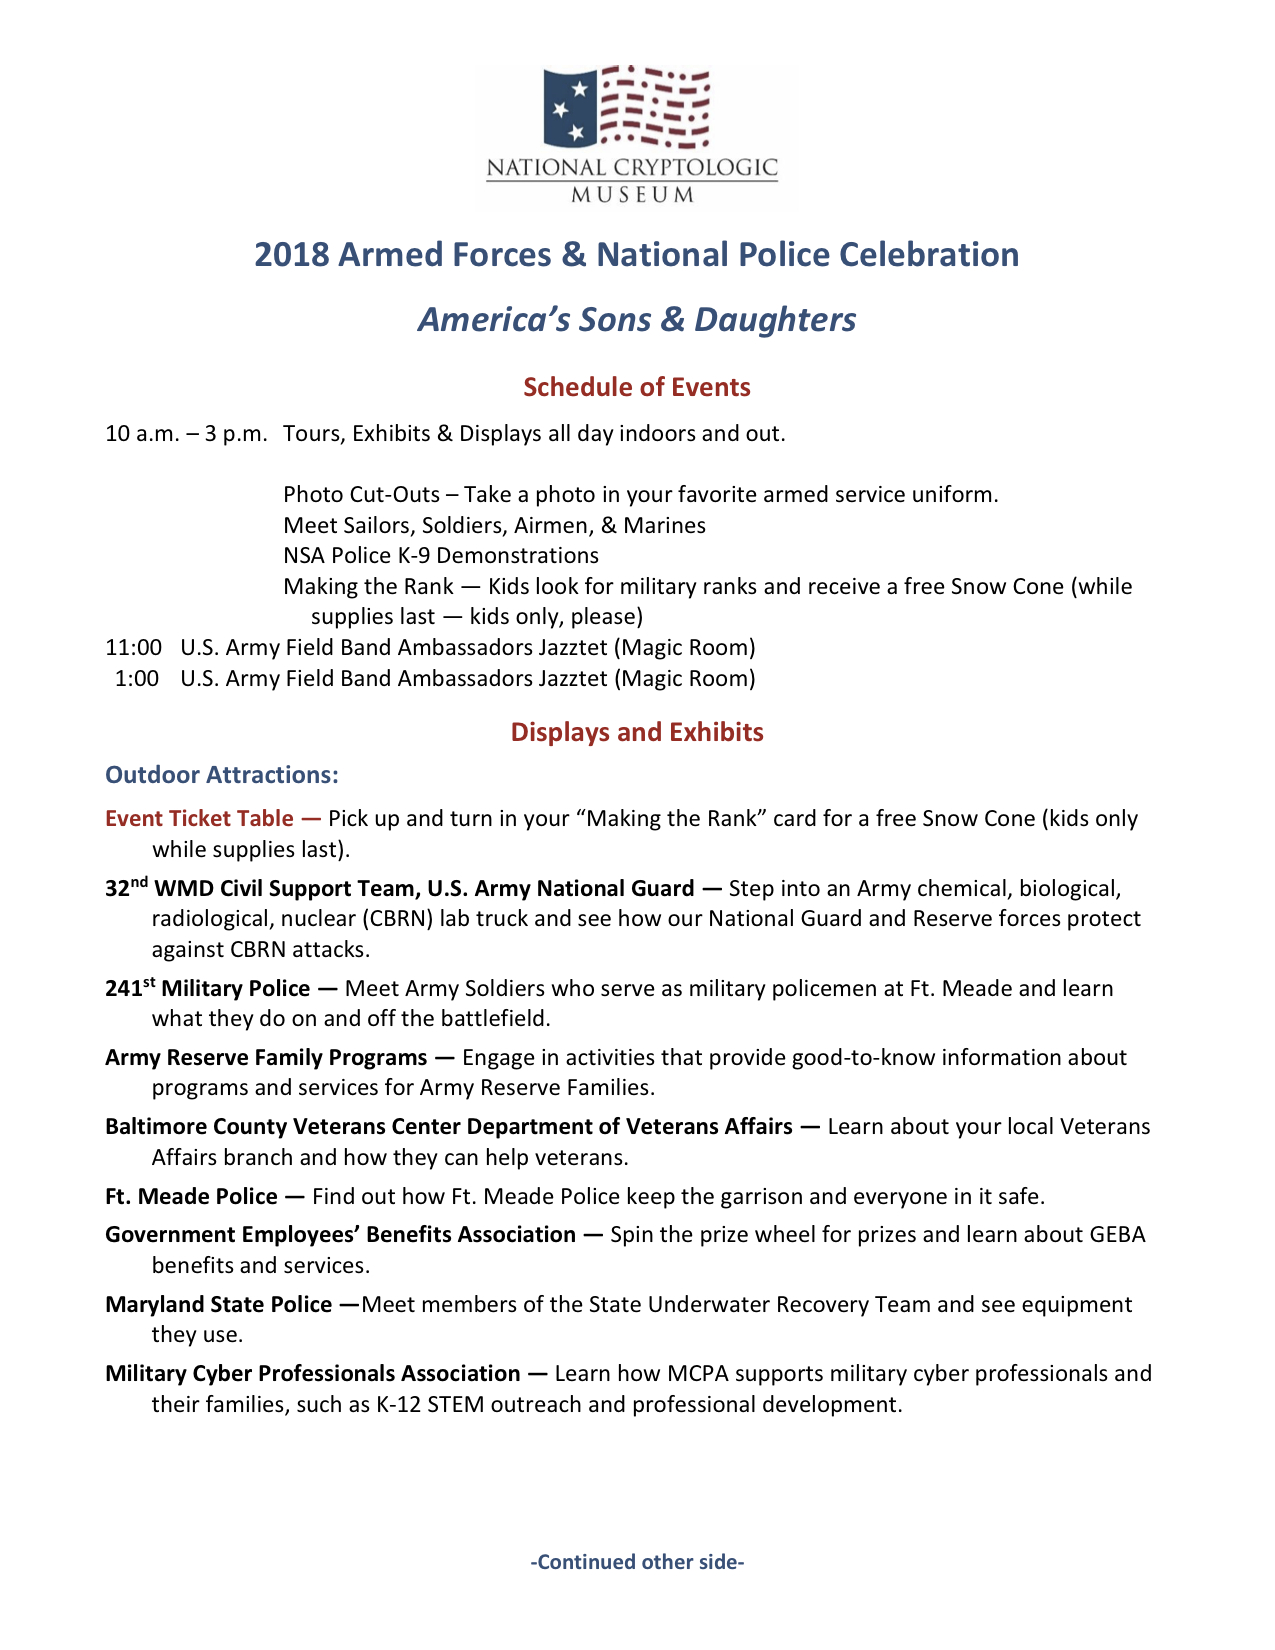 Schedule of Events & Activities